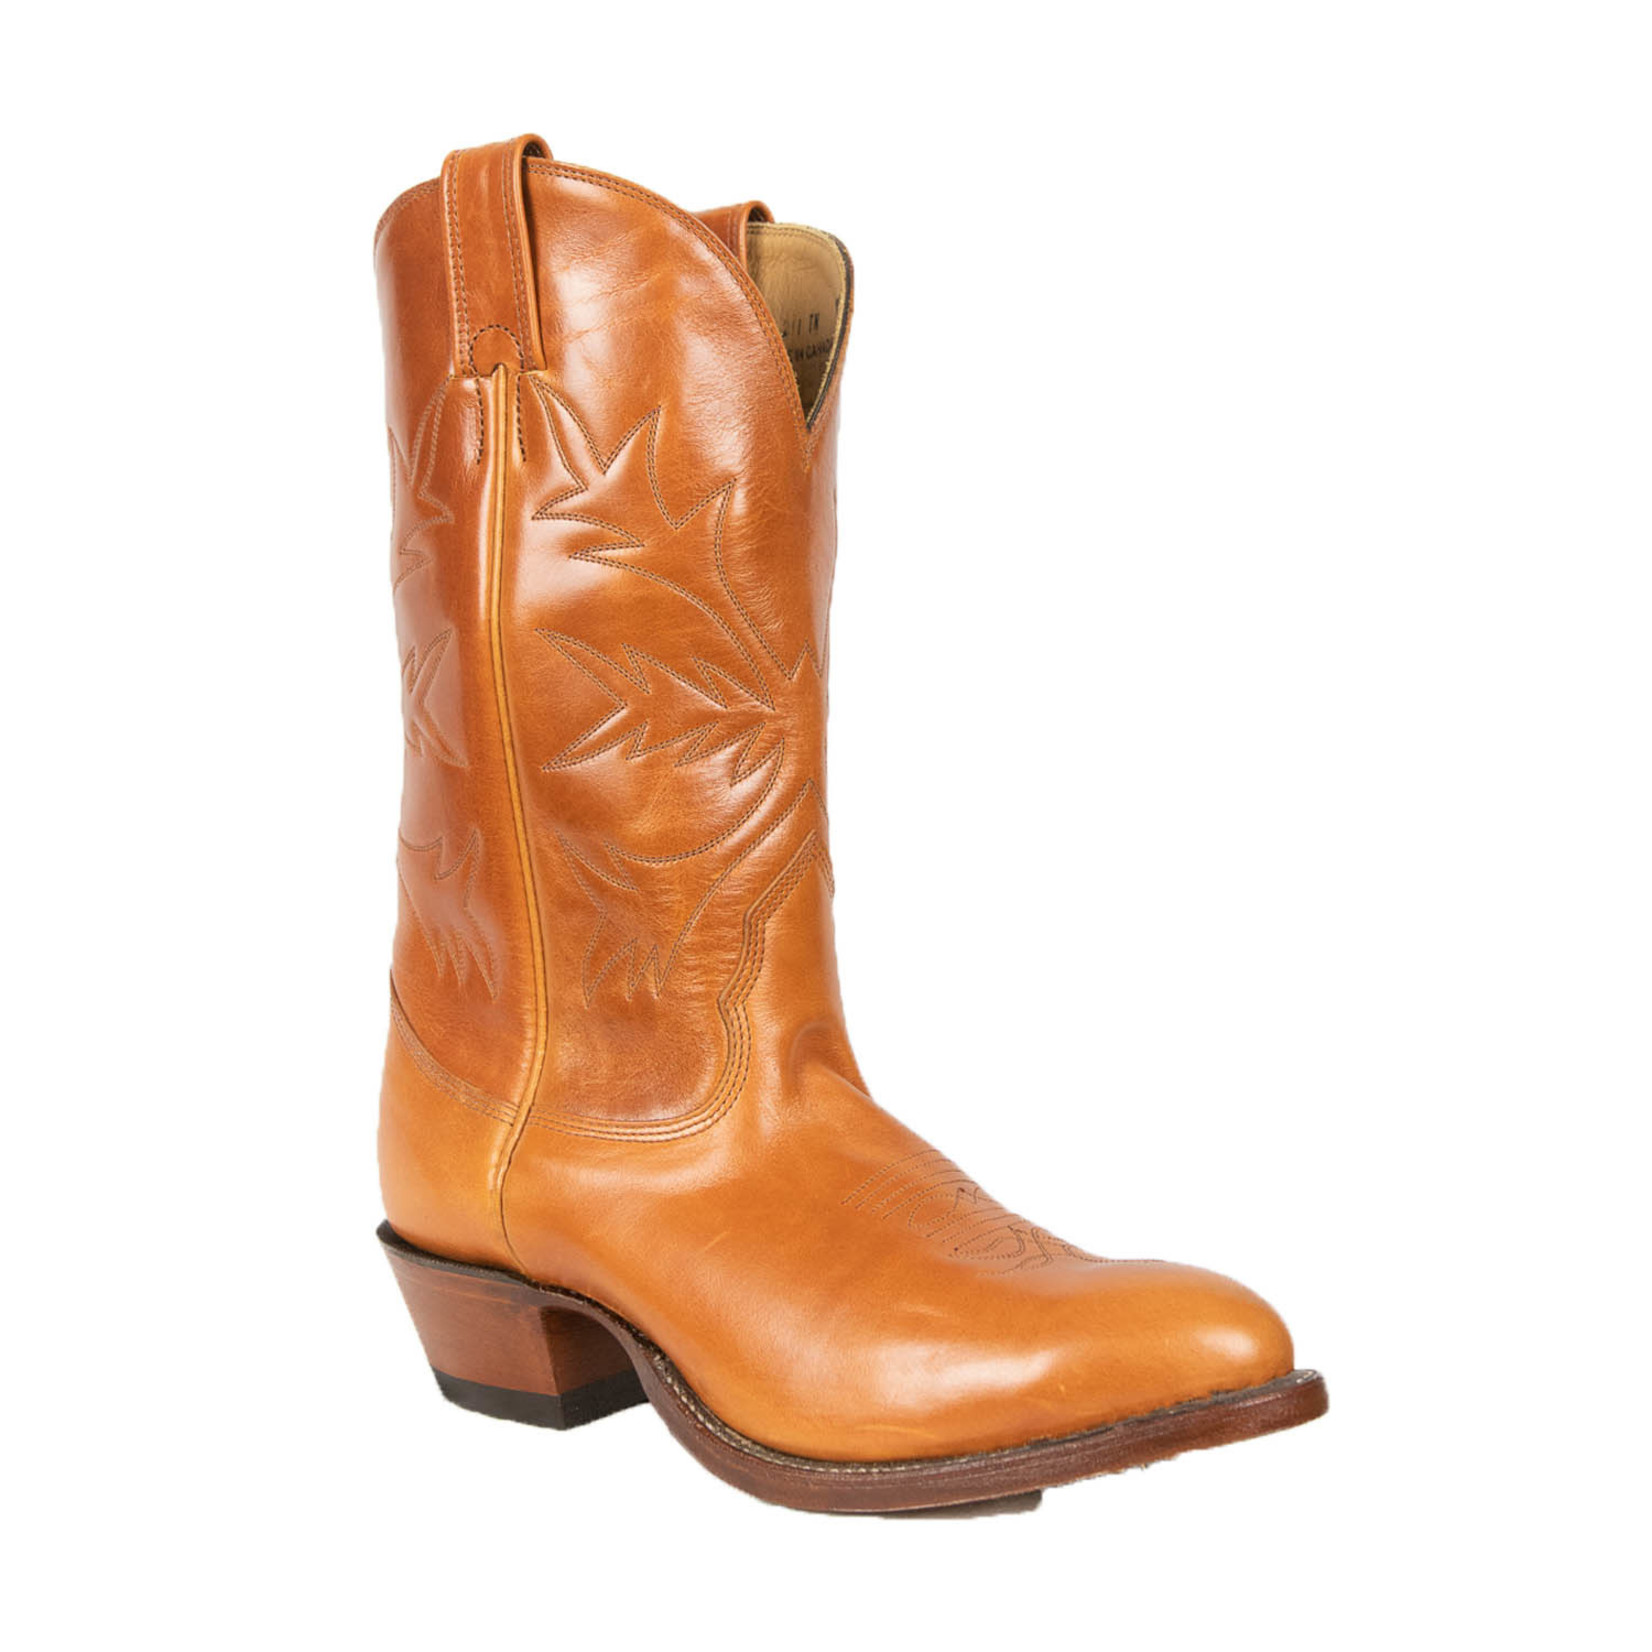 Alberta Boots Alberta Boot Men's Cowboy Boot 211TN 2E